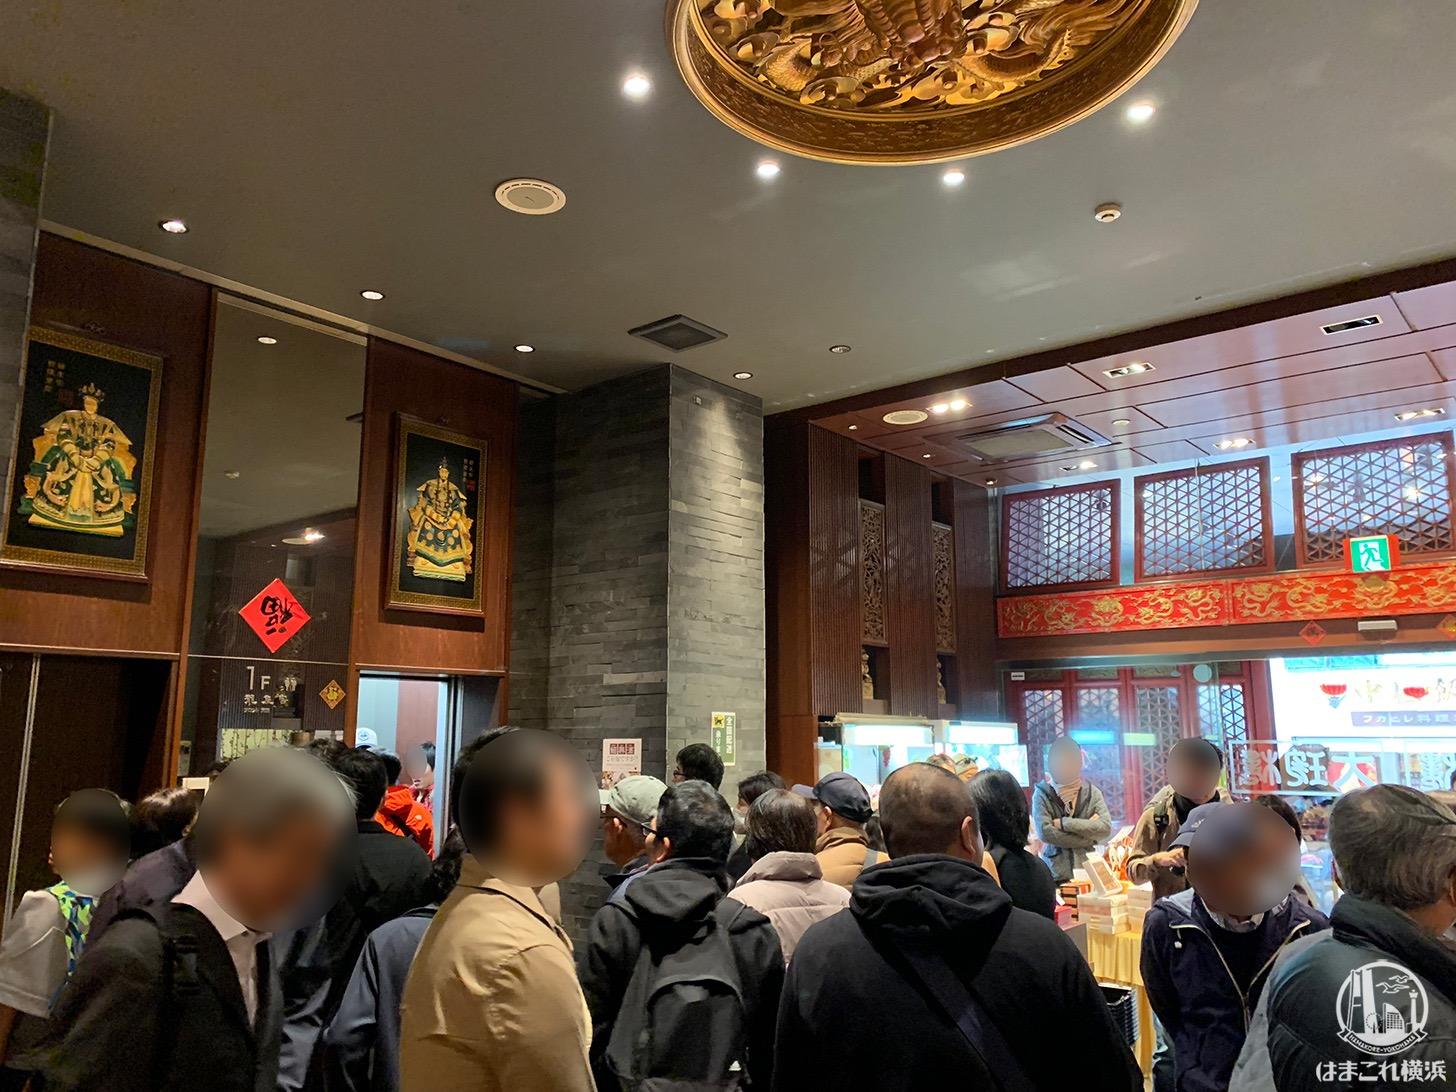 横浜中華街「大珍楼(ダイチンロウ)」開店時直後の混雑